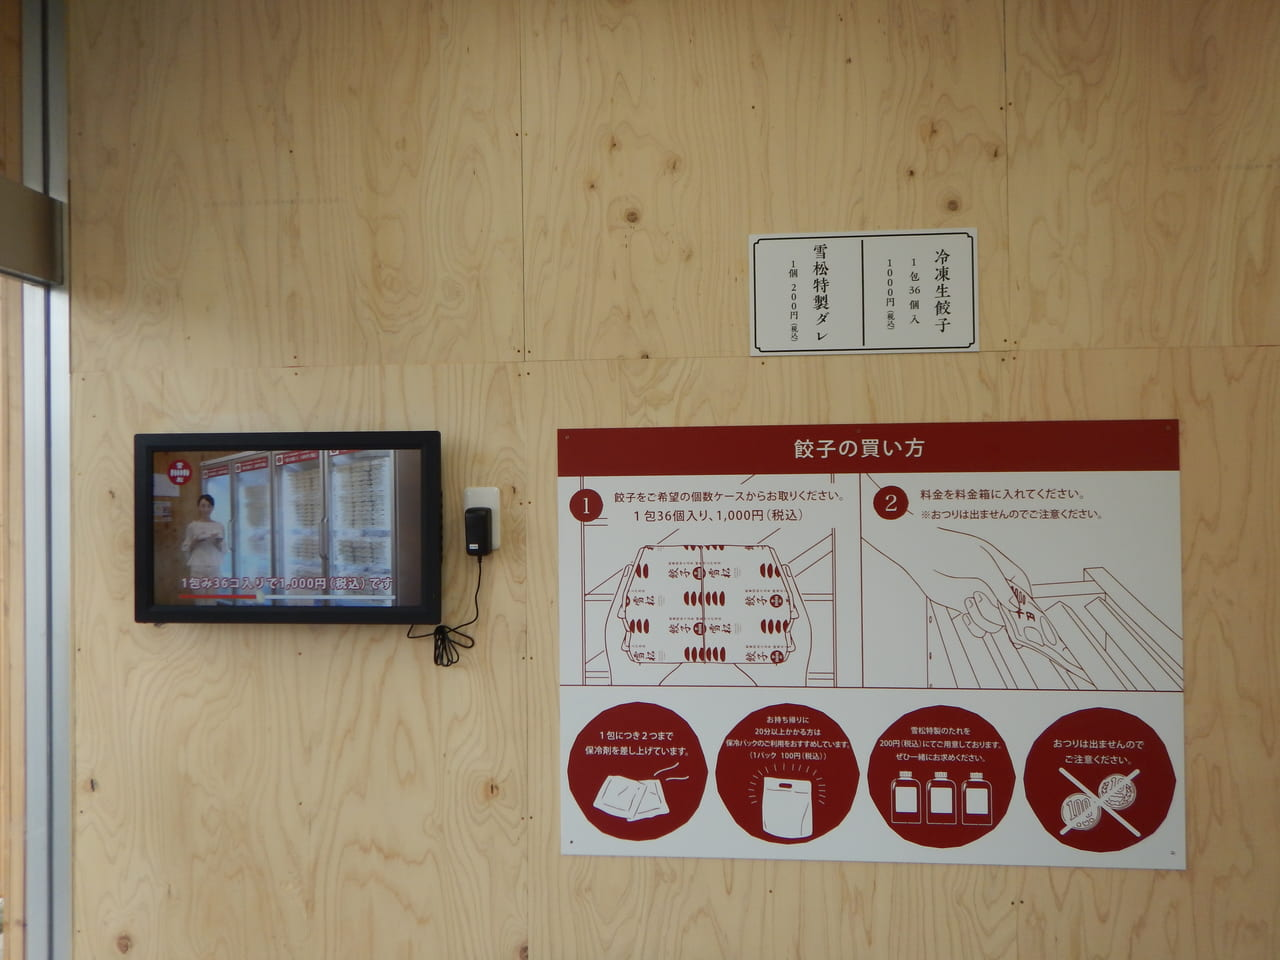 餃子の雪松一宮店の説明